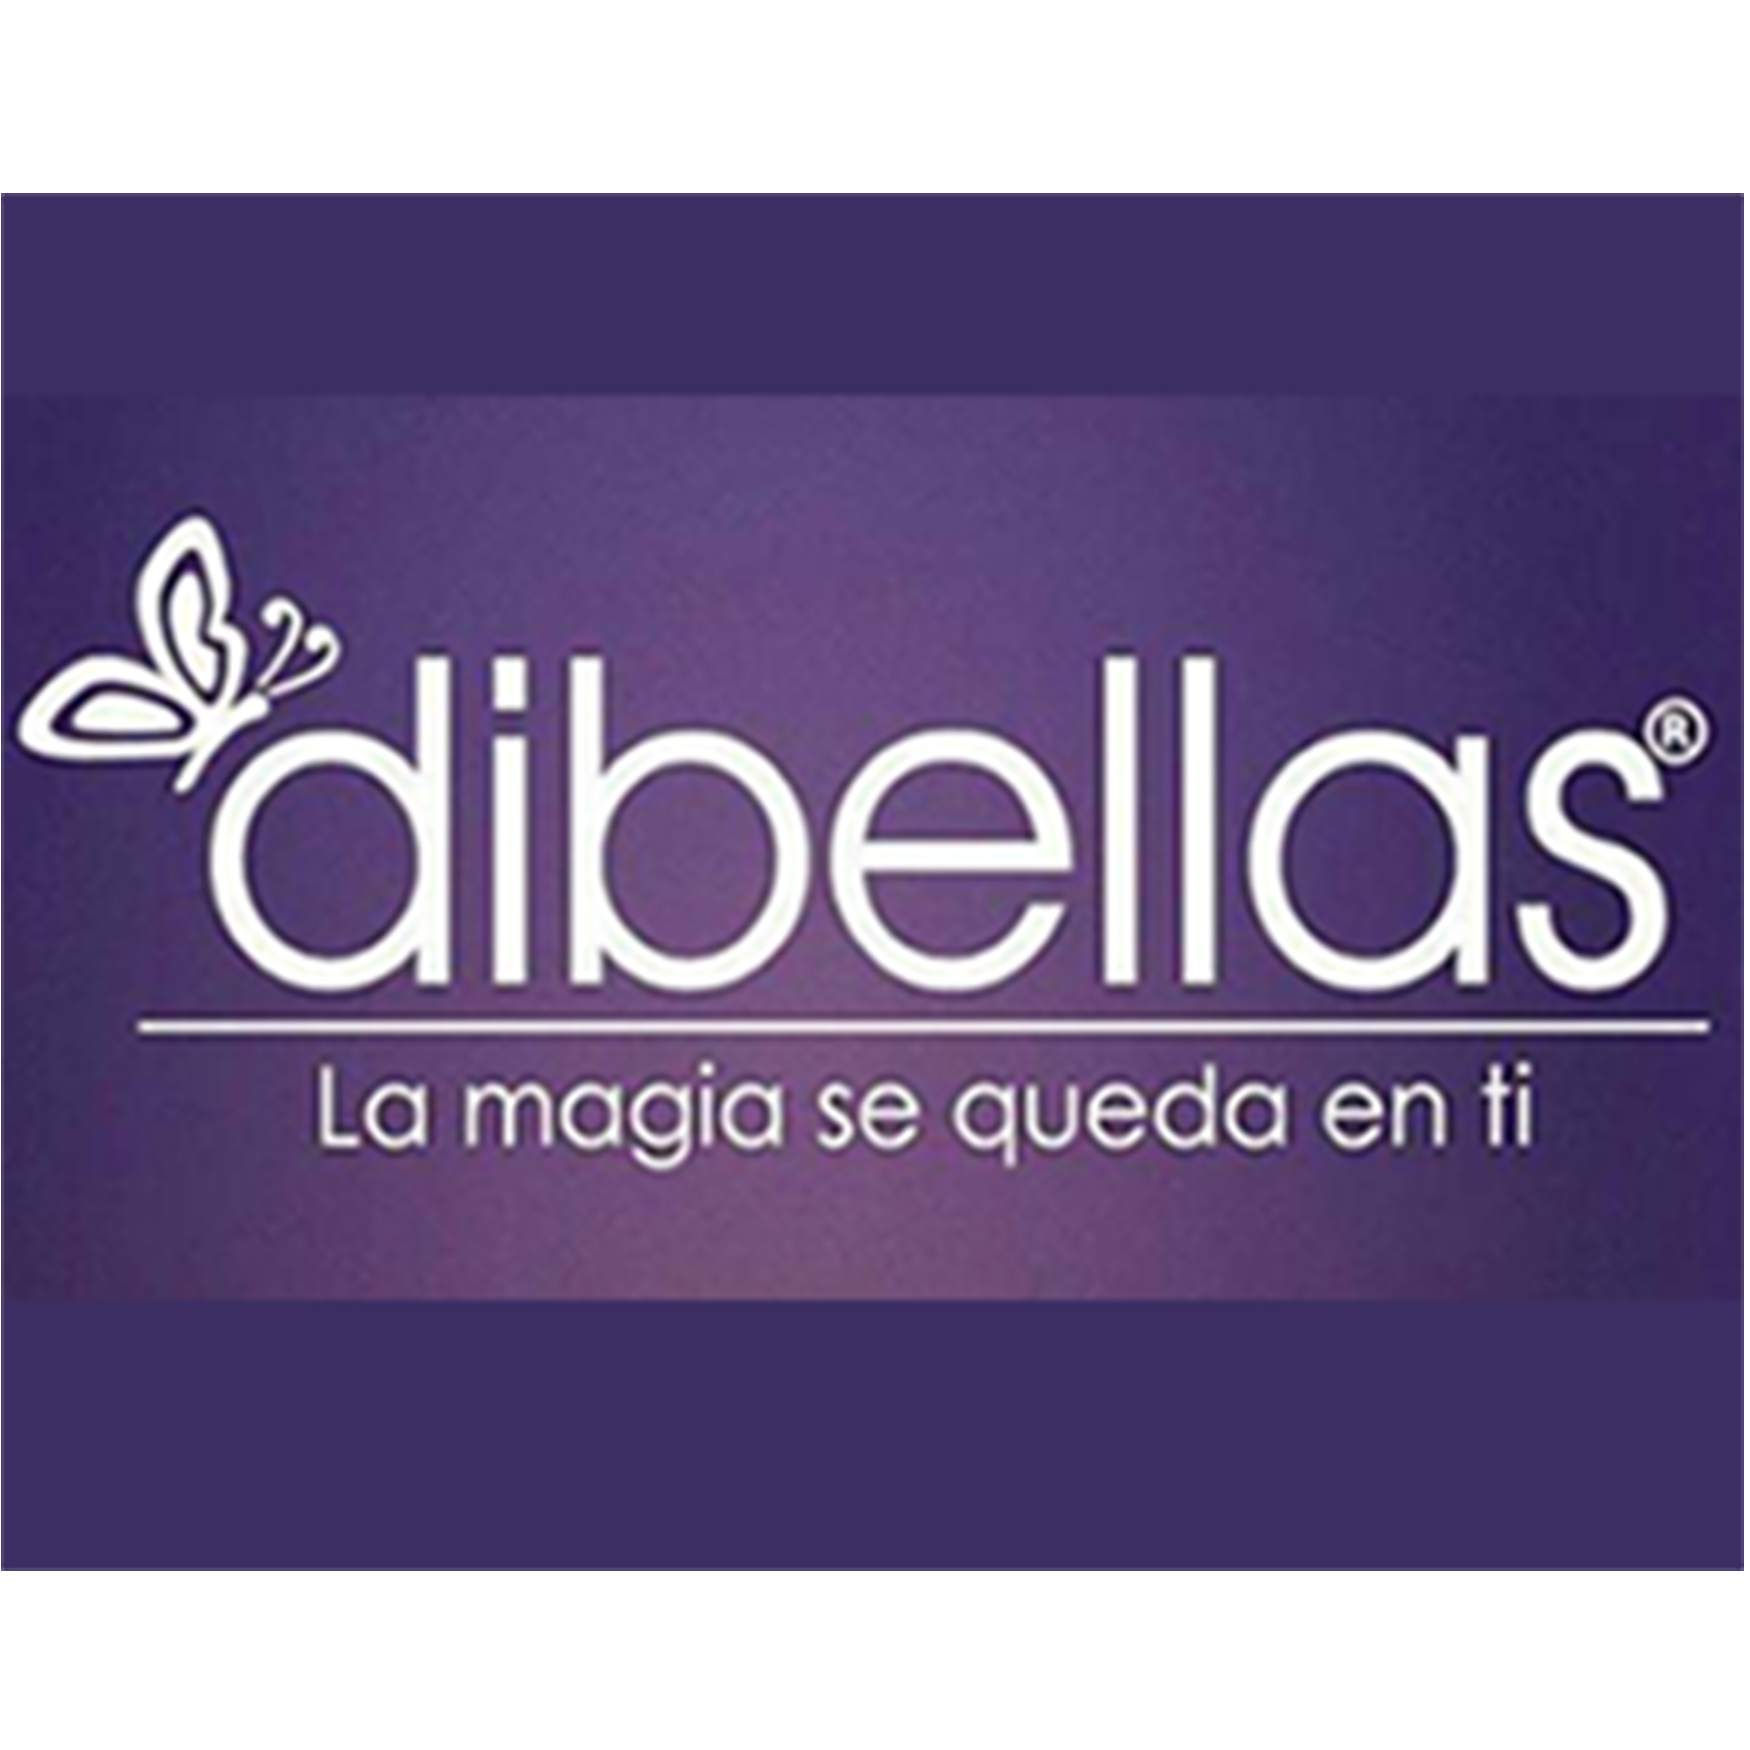 Joyería Dibellas